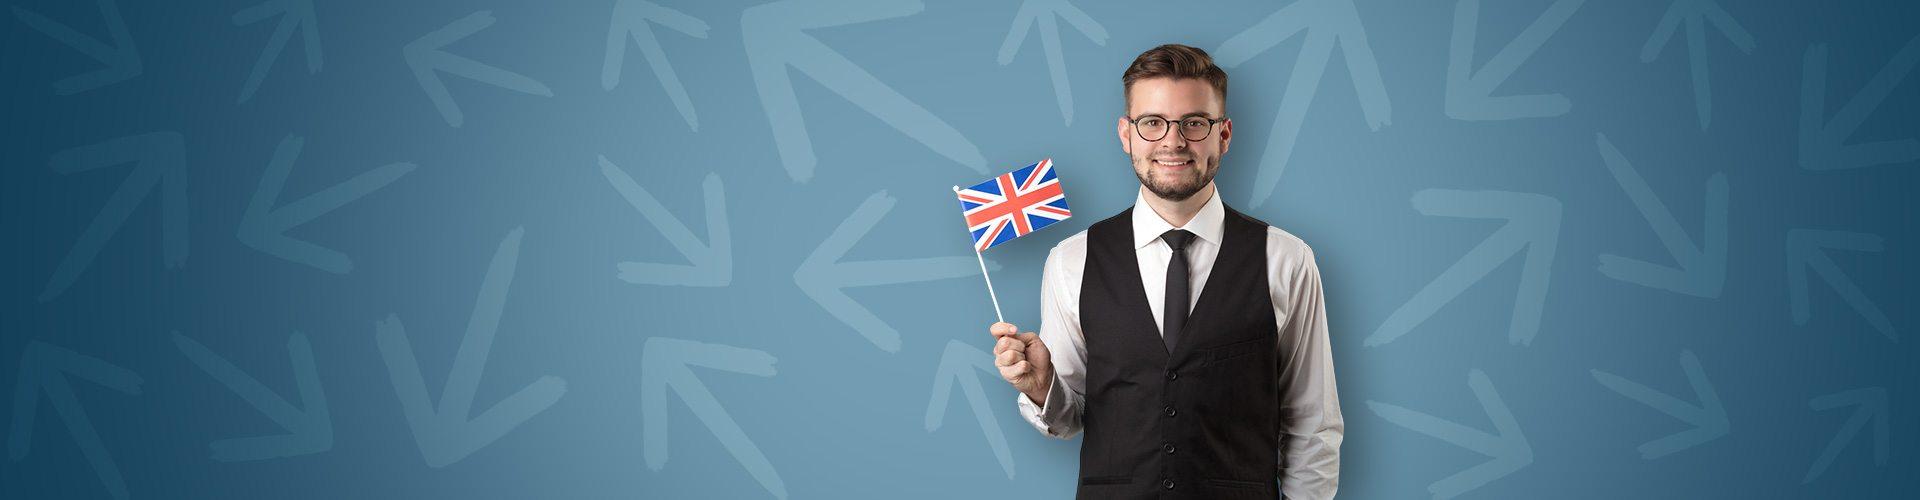 Mann vor blauem Hintergrund mit Pfeilen hält ein britisches Fähnchen in der Hand